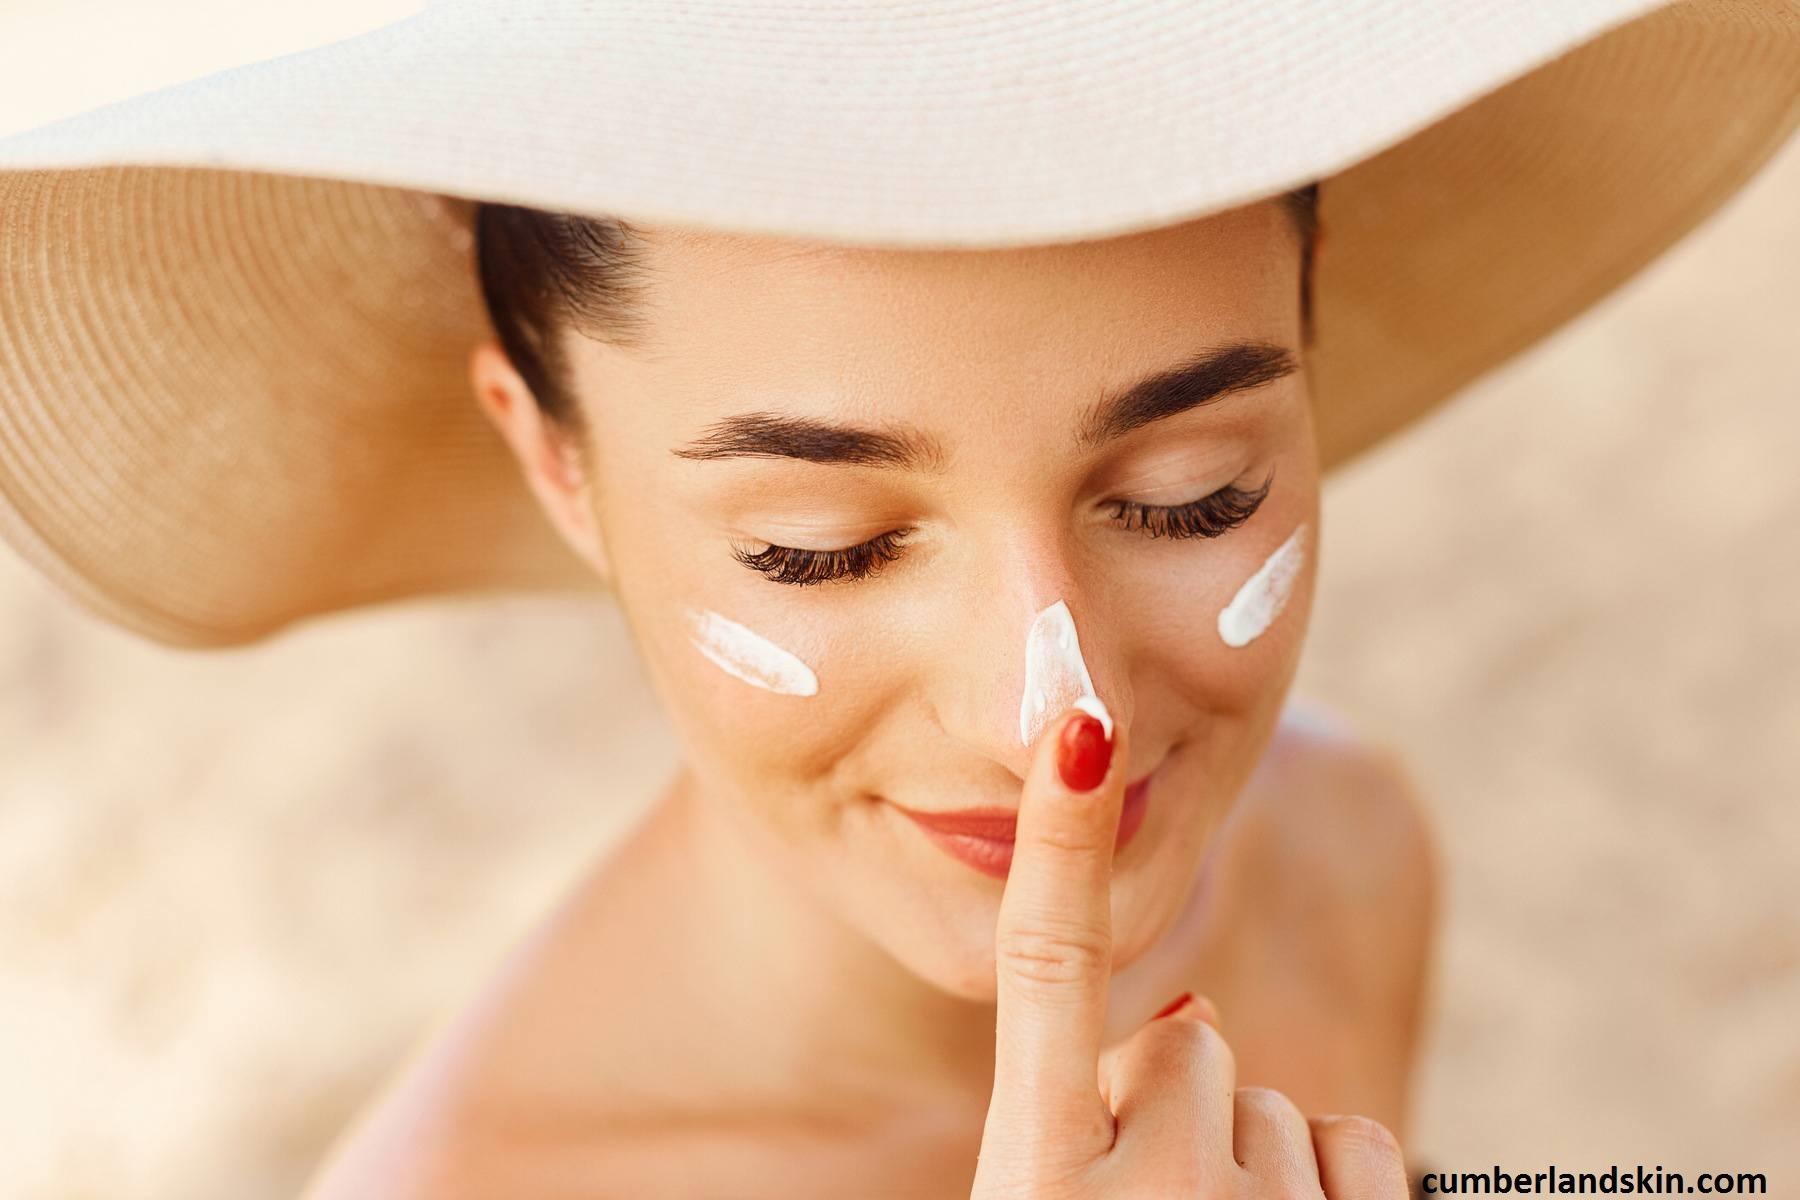 n'oubliez pas l'étape de l'écran total que vous devez intégrez dans votre routine adaptée à la peau sèche